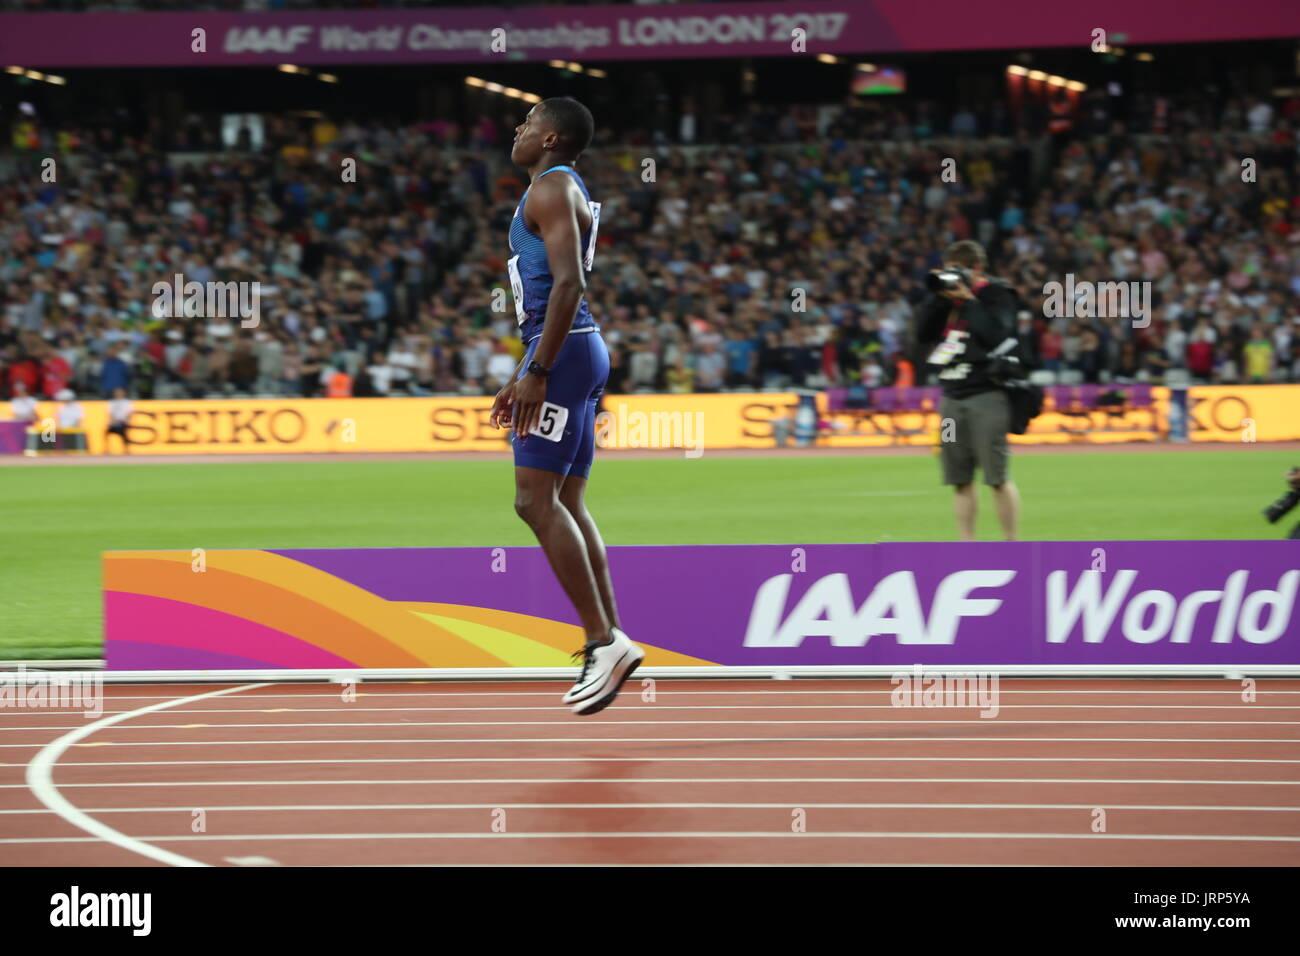 London, UK. 5. August 2017. CHRISTLICHEN COLEMAN (USA), 21, Pogo vor Freude, gewann als er Anzeigetafel liest um zu bestätigen, er nur die Silbermedaille in der Mens 100m-Finale während der London 2017 IAAF Leichtathletik Weltmeisterschaft im Queen Elizabeth Olympic Park am zweiten Tag des größten Sportereignisses 2017. Bildnachweis: Scott Mc Kiernan/ZUMA Draht/Alamy Live-Nachrichten Stockbild